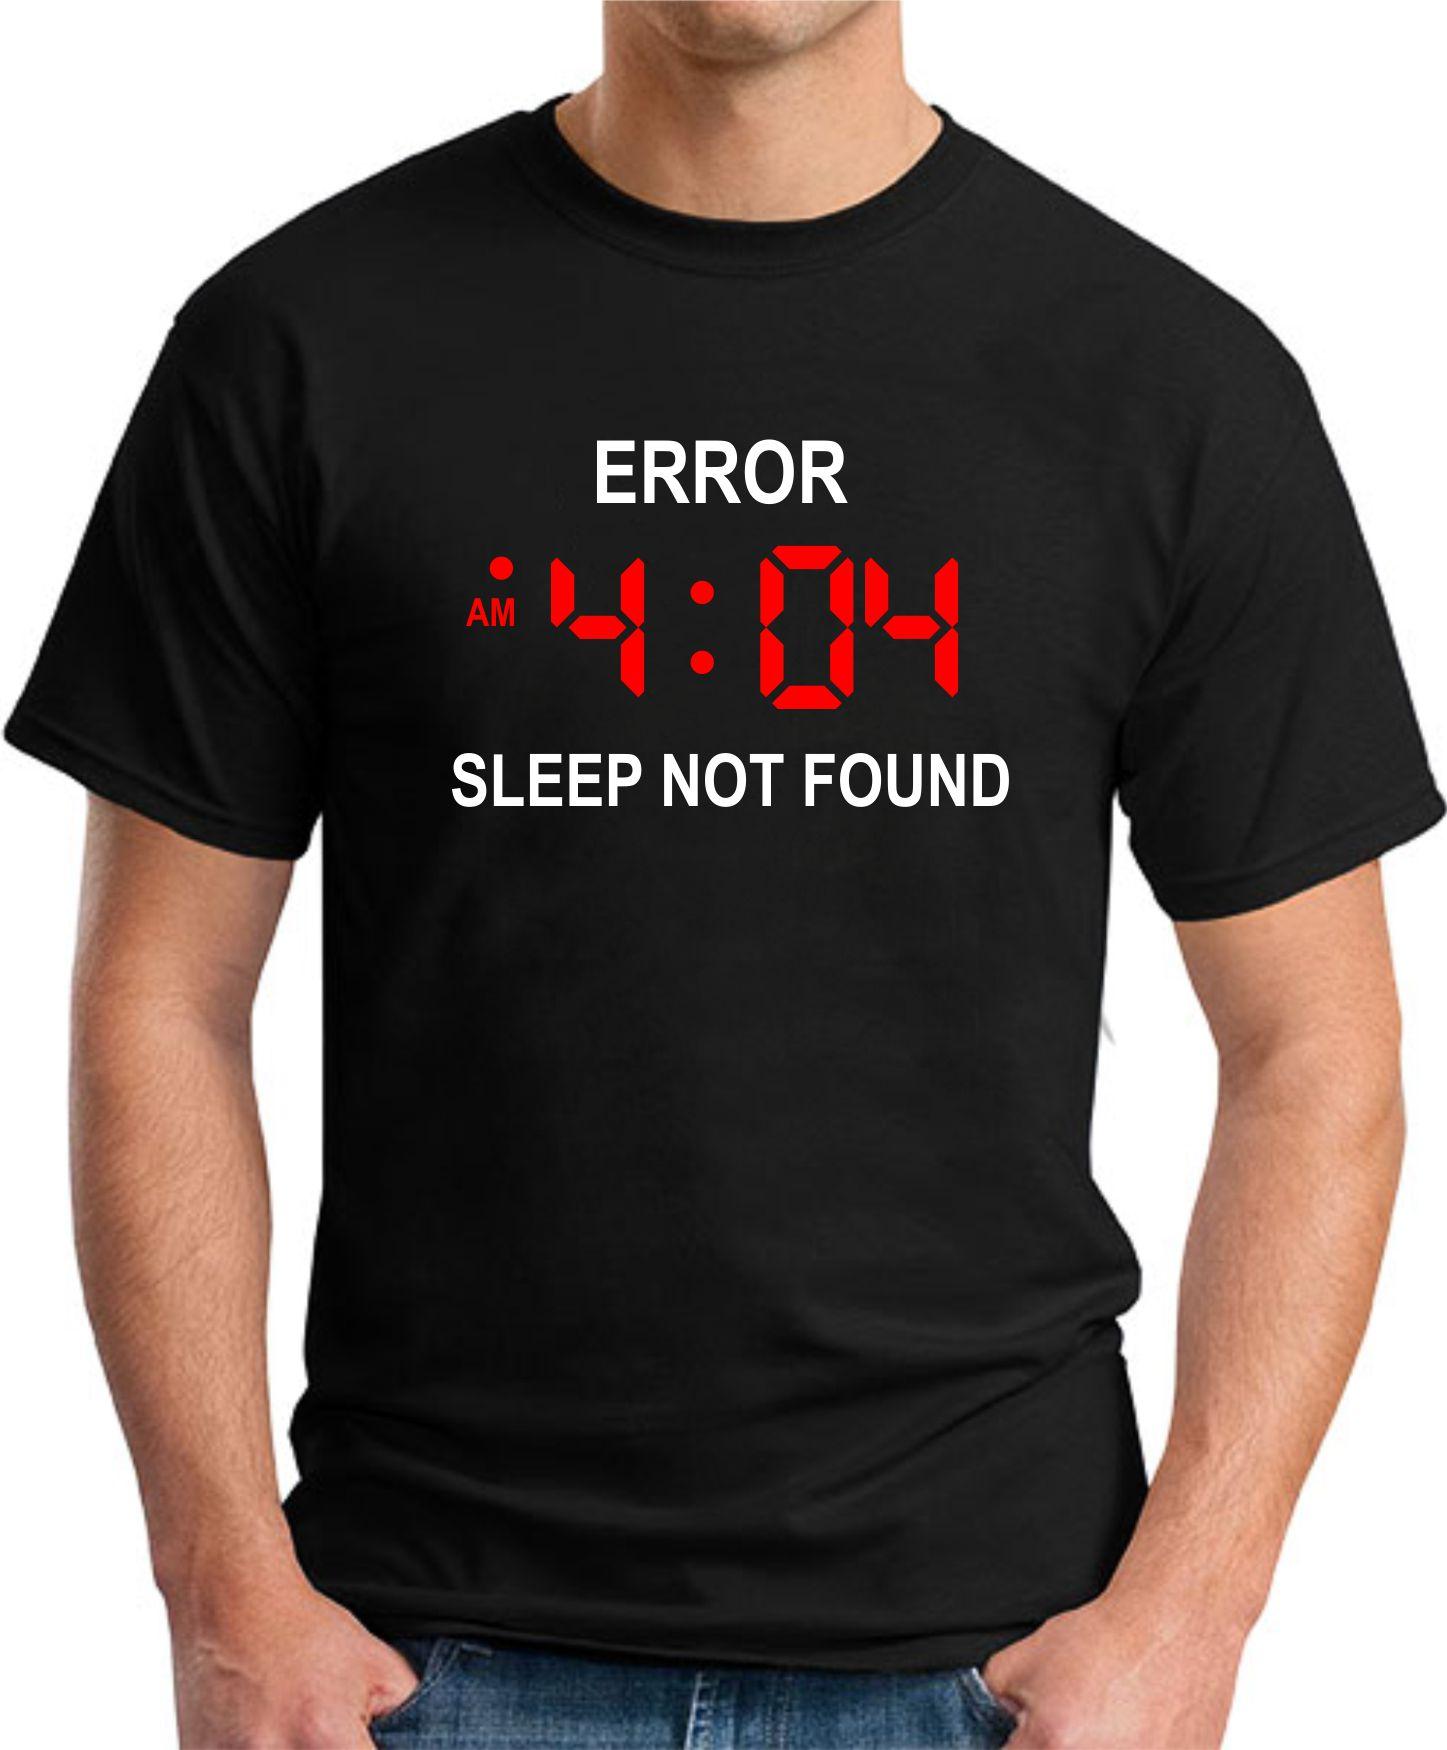 ERROR 404 SLEEP NOT FOUND black